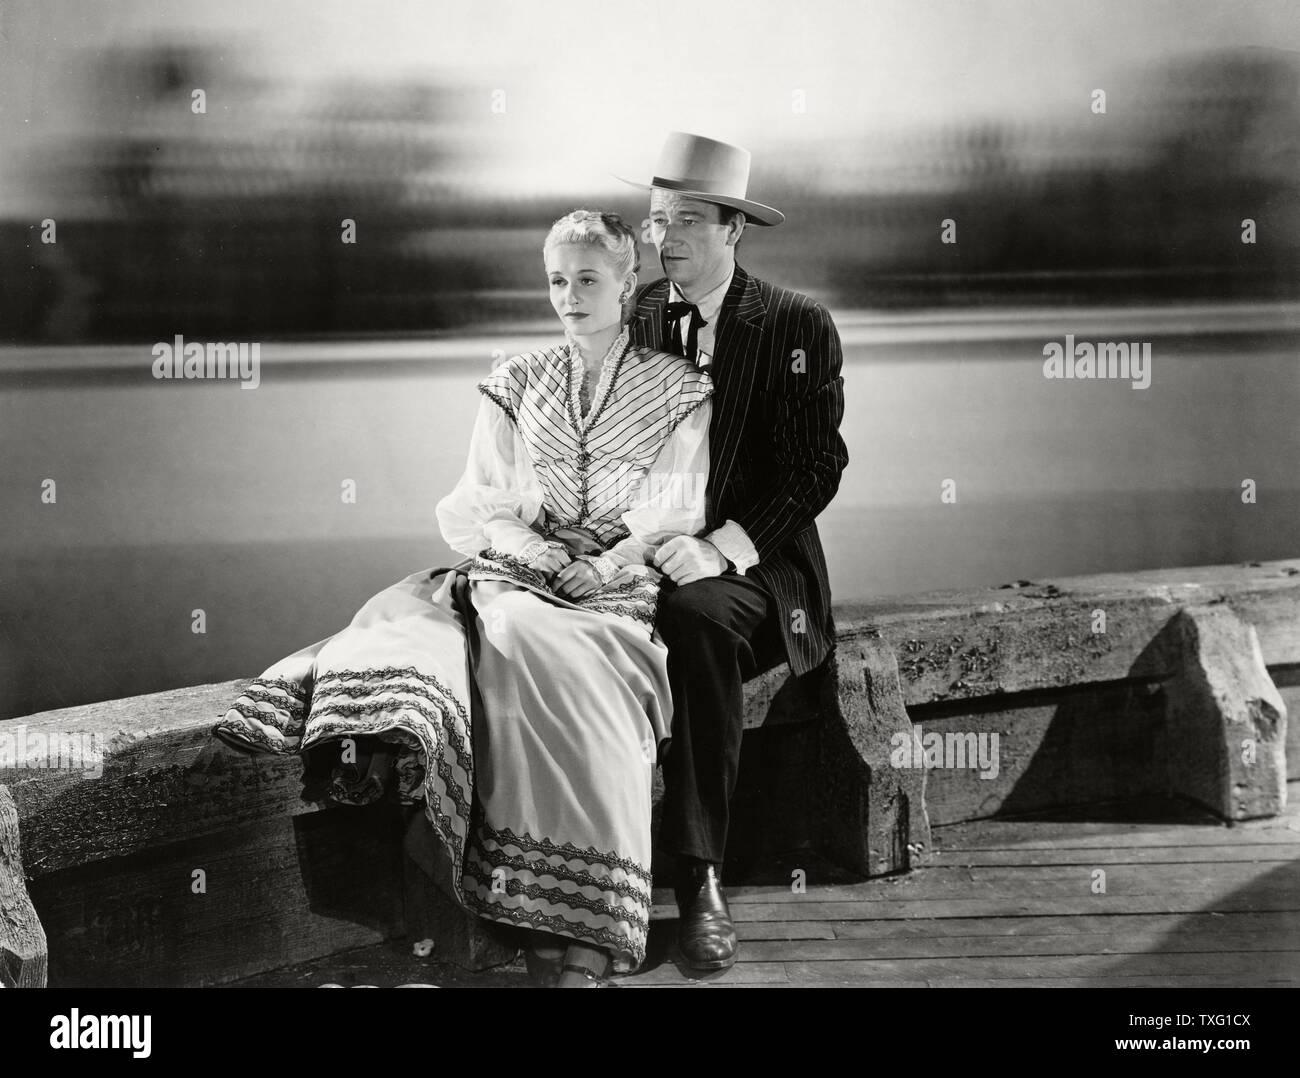 Vera Ralston Stock Photos & Vera Ralston Stock Images - Alamy